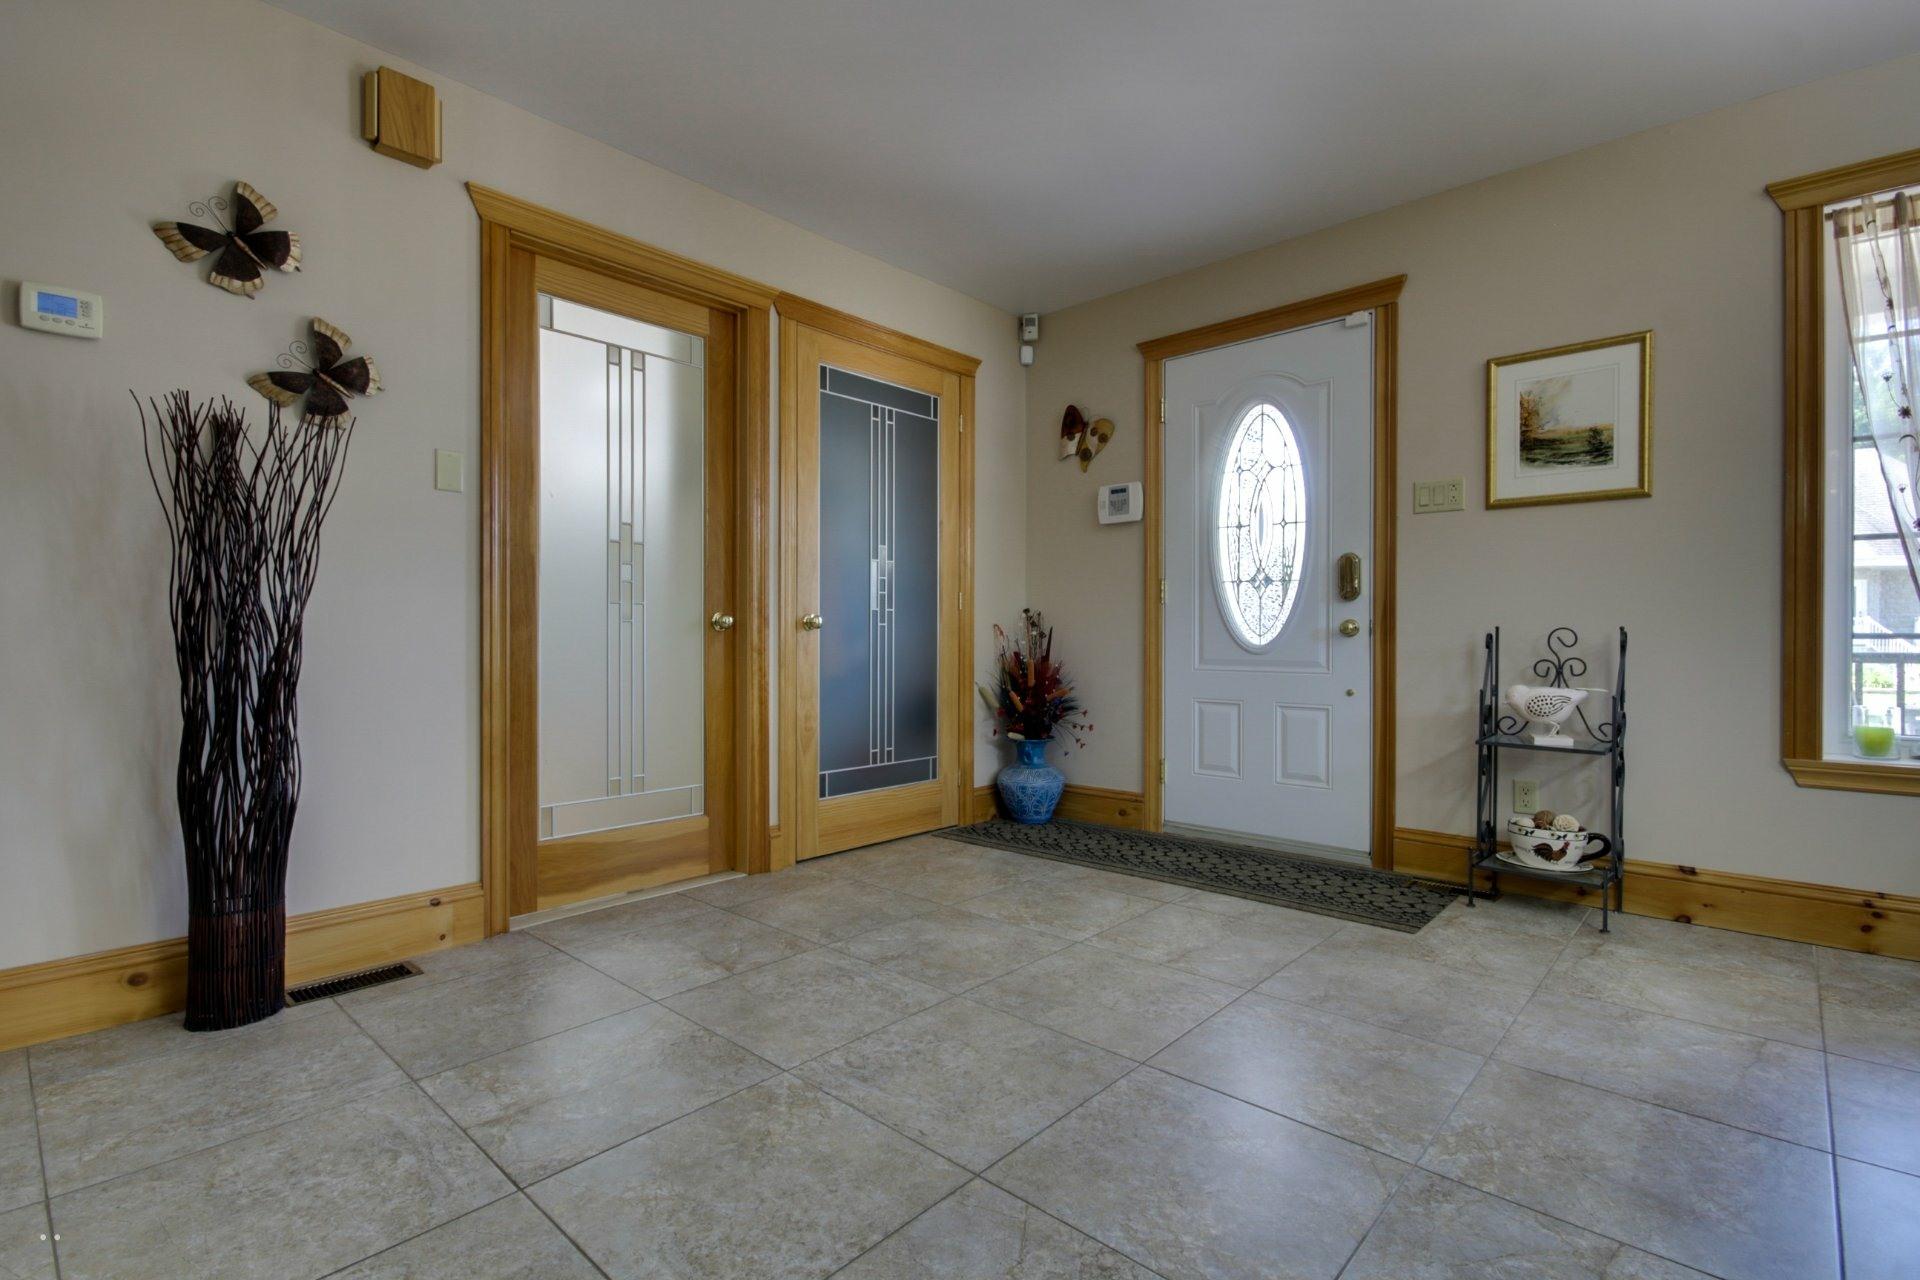 image 41 - Maison À vendre Trois-Rivières